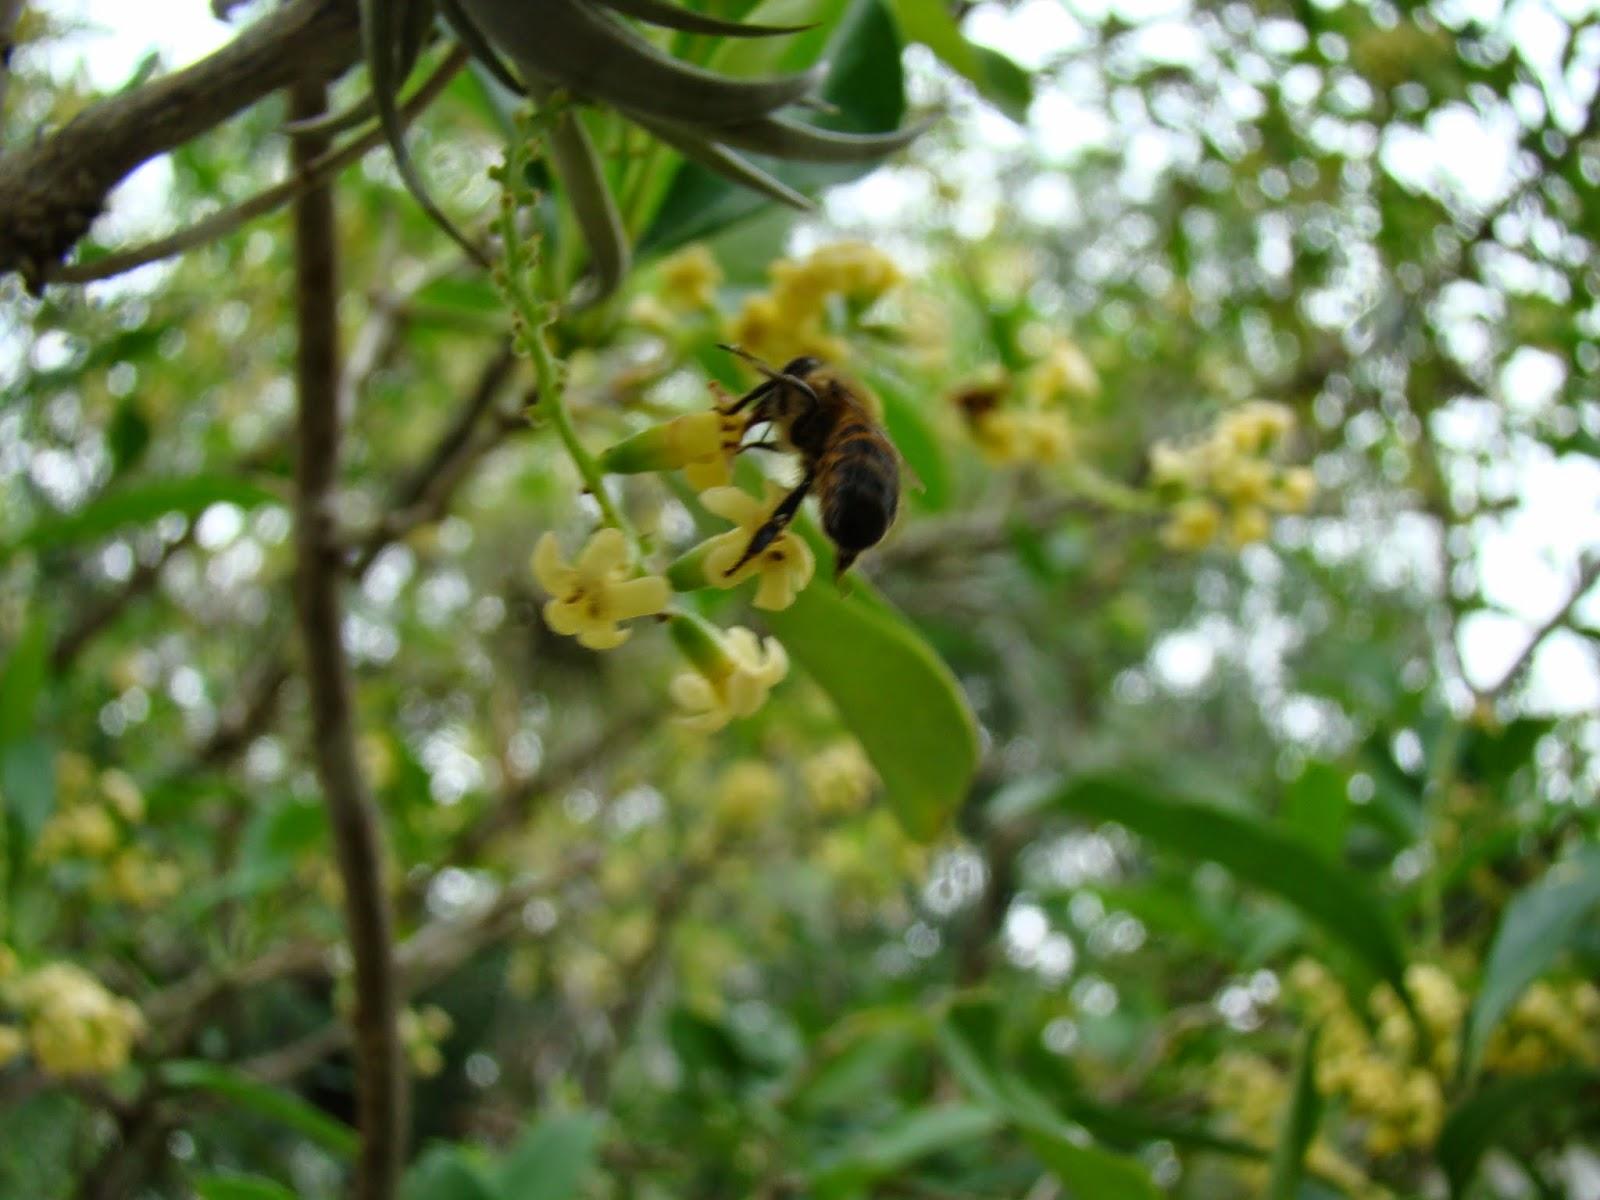 Abejas aliadas en el jard n for Ahuyentar abejas jardin